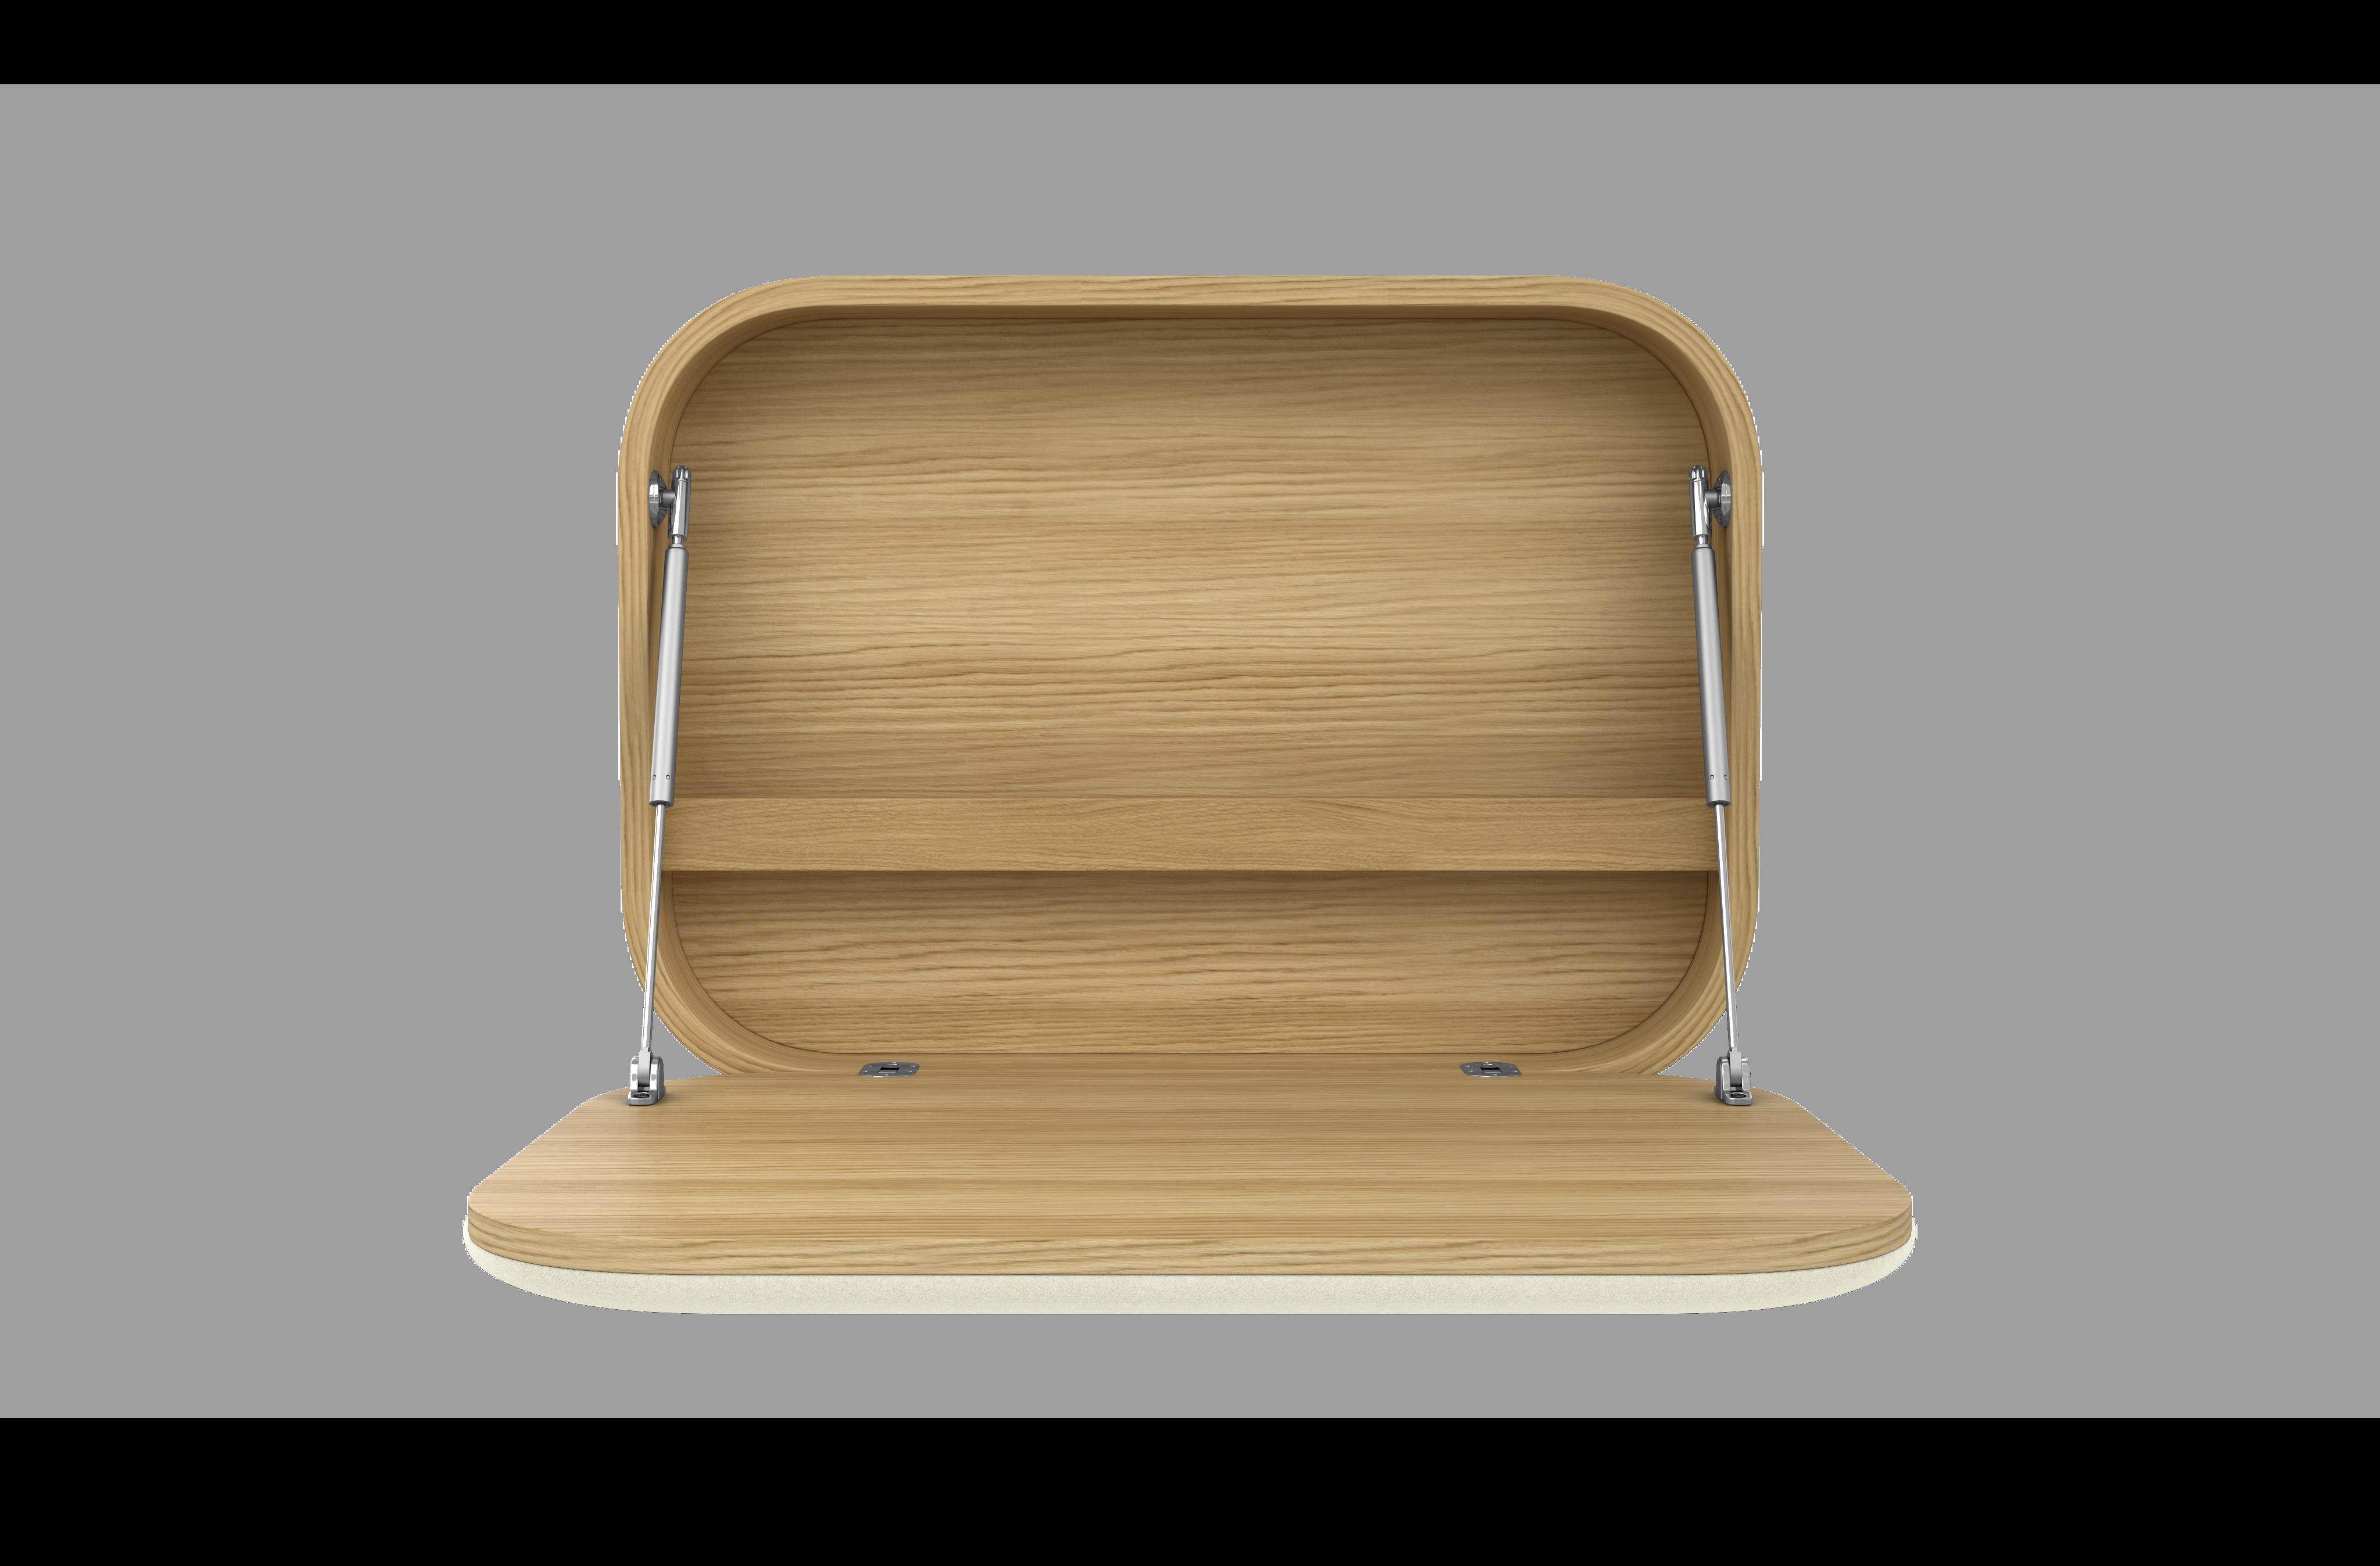 dolmen table lighting designer philippe daney wohndesign. Black Bedroom Furniture Sets. Home Design Ideas